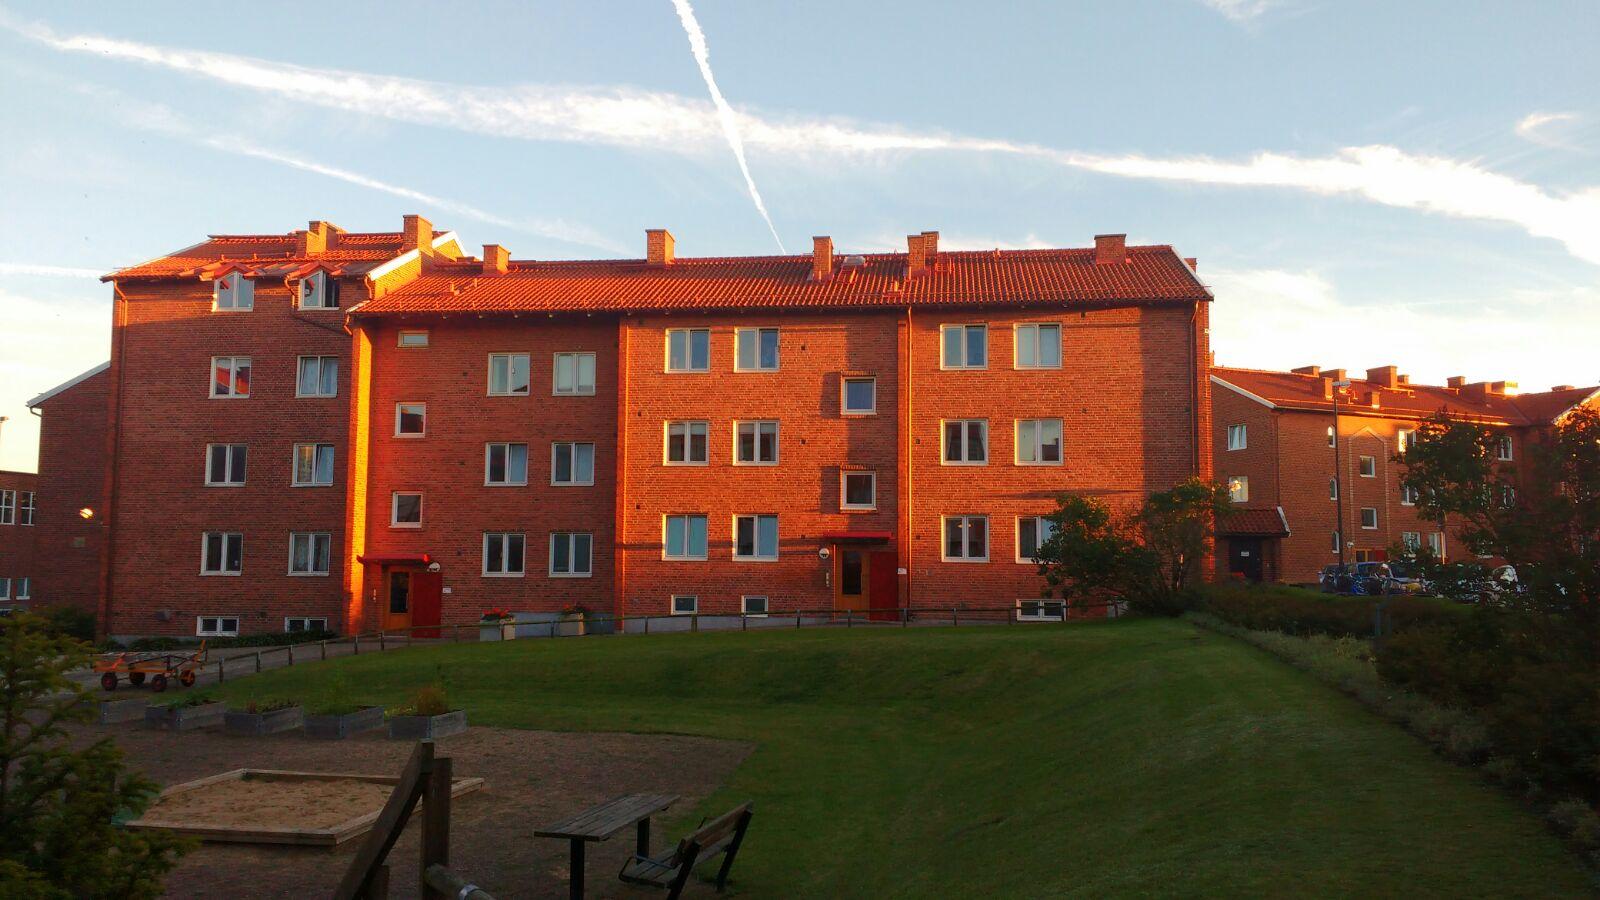 BRF Kanten Ryttaregatan 5